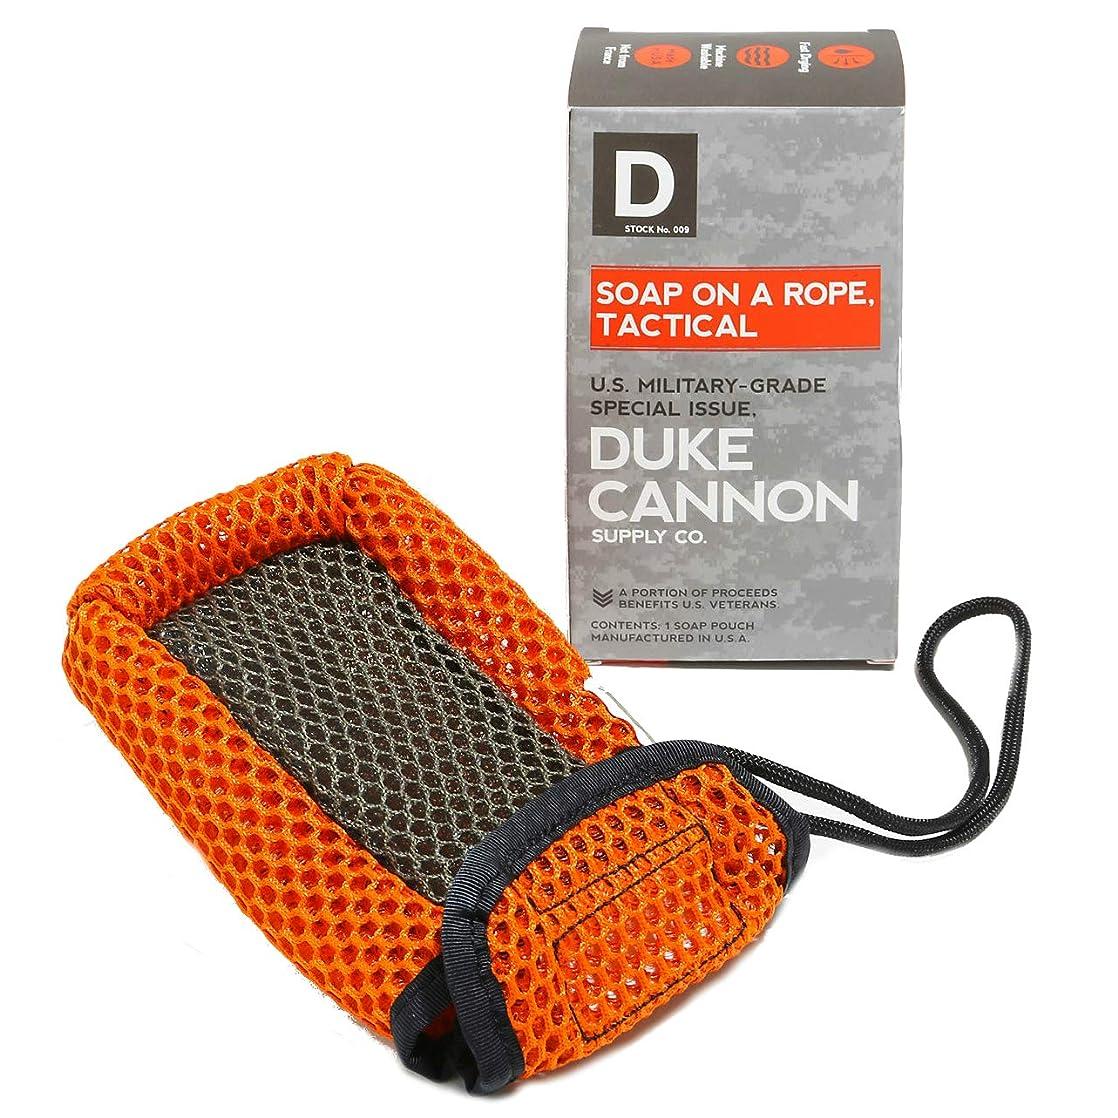 成功シルクあさりDuke Cannon ロープのポーチには戦術的なソープ